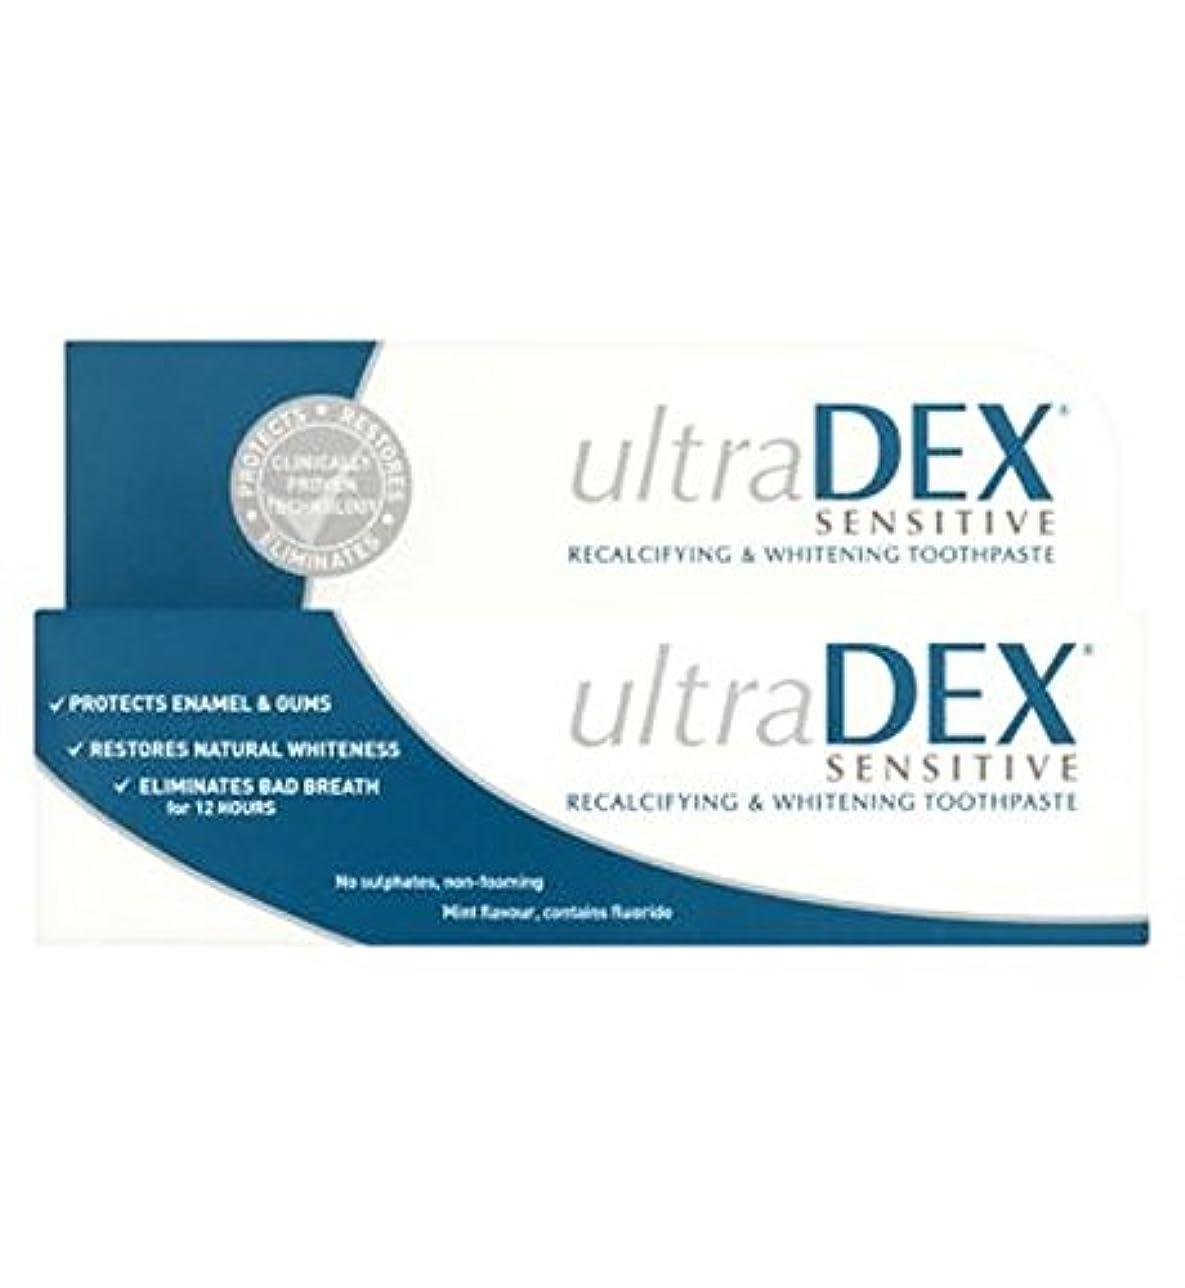 変換晩餐破産Ultradex Recalcifying&歯磨き粉75ミリリットルをホワイトニング (Ultradex) (x2) - UltraDex Recalcifying & Whitening Toothpaste 75ml...